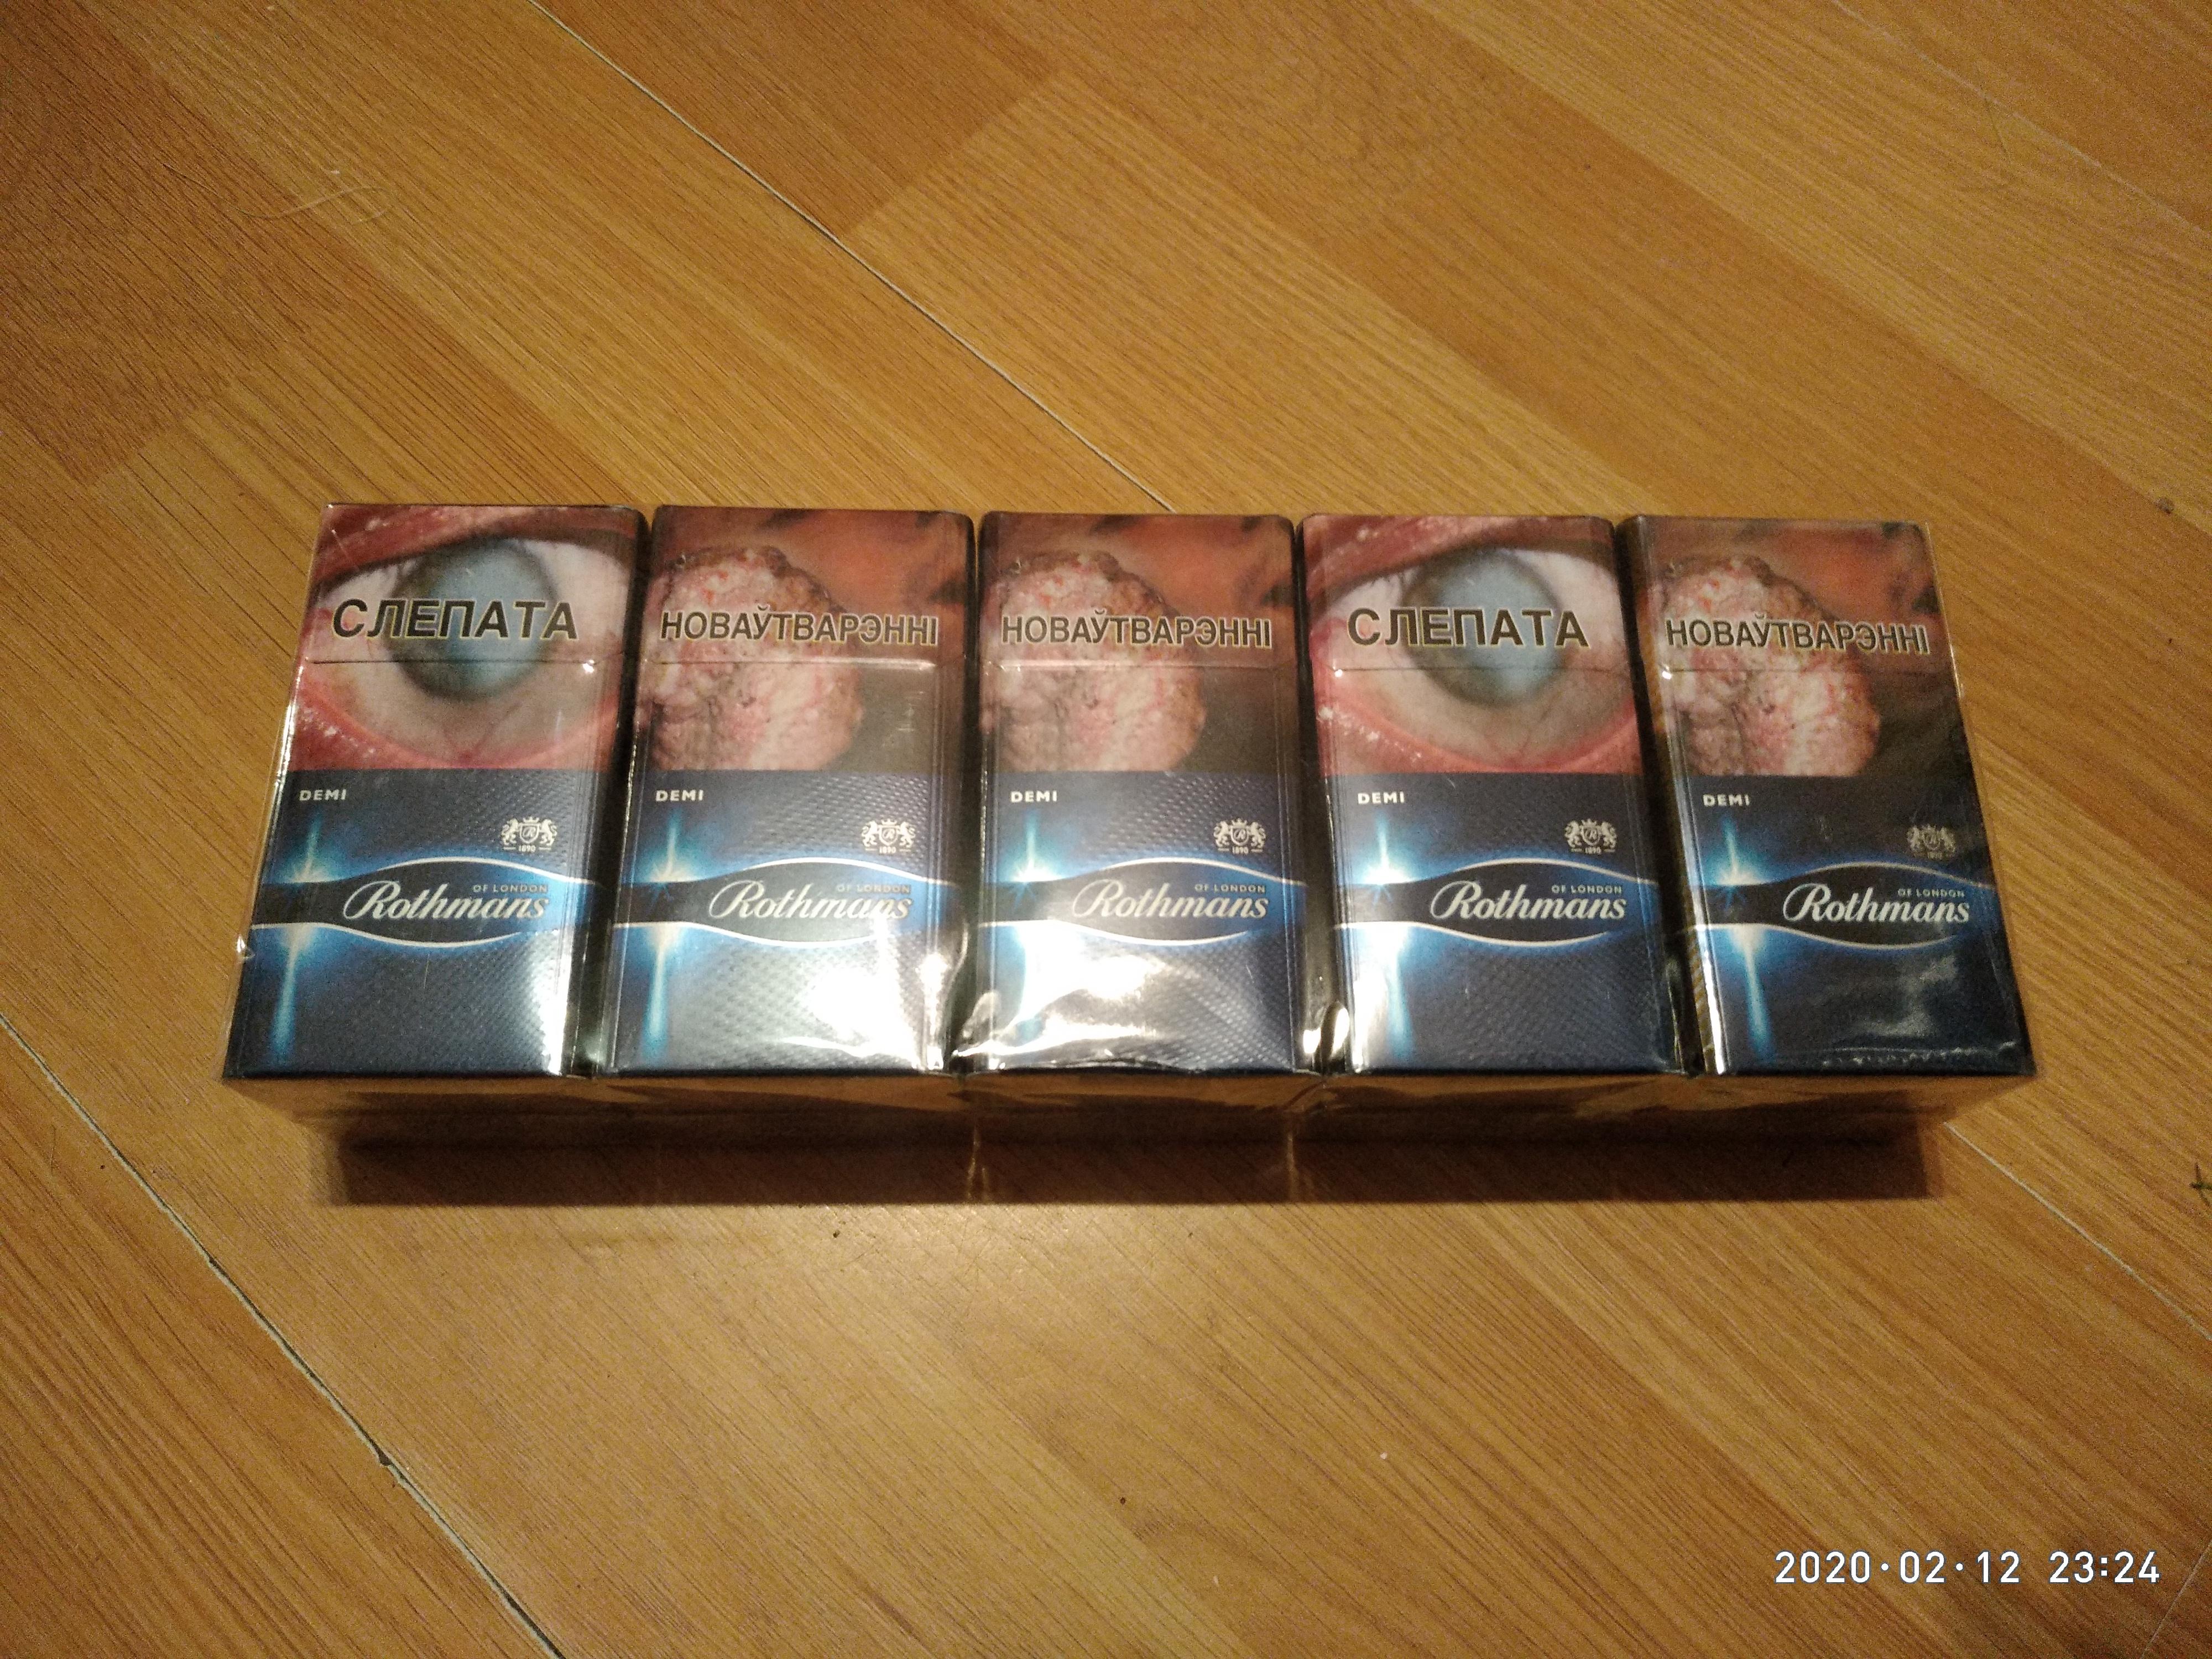 Закупки табачных изделий сигареты ромео и джульетта купить спб